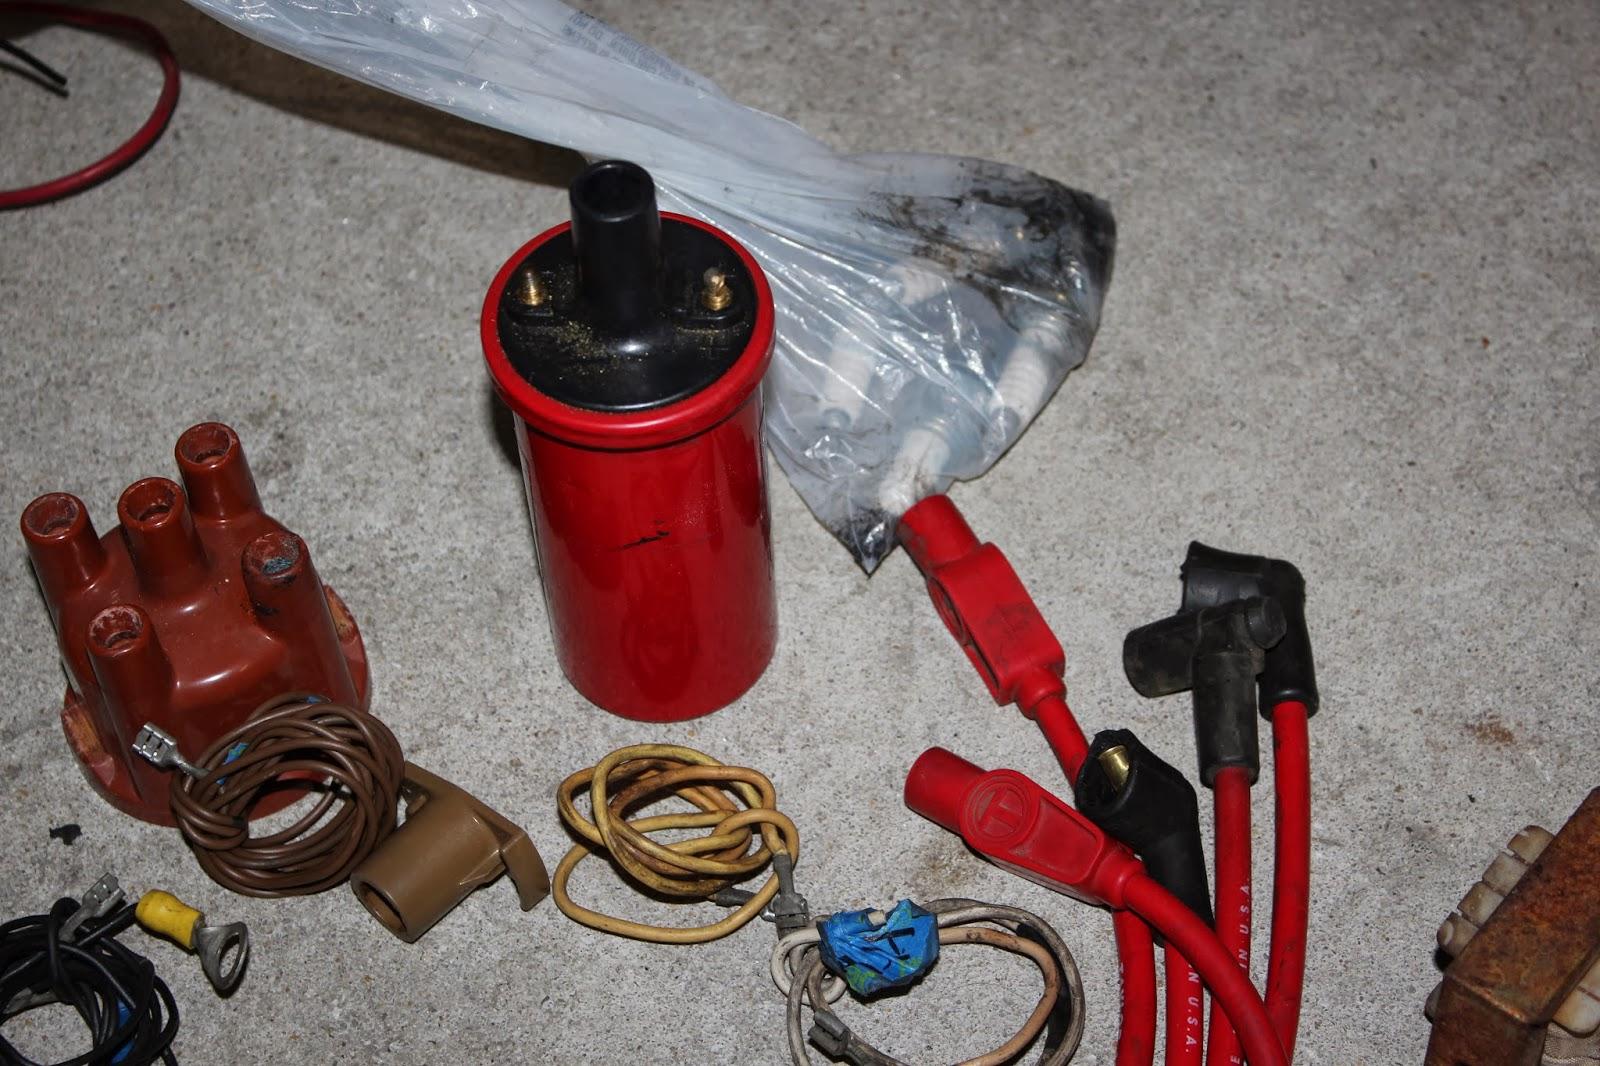 Saab Sonett Wiring Diagram Reinvent Your 2003 9 3 Convertible 1971 Iii Restoration Rh Saabsonett3 Blogspot Com Fog Lights Diagrams